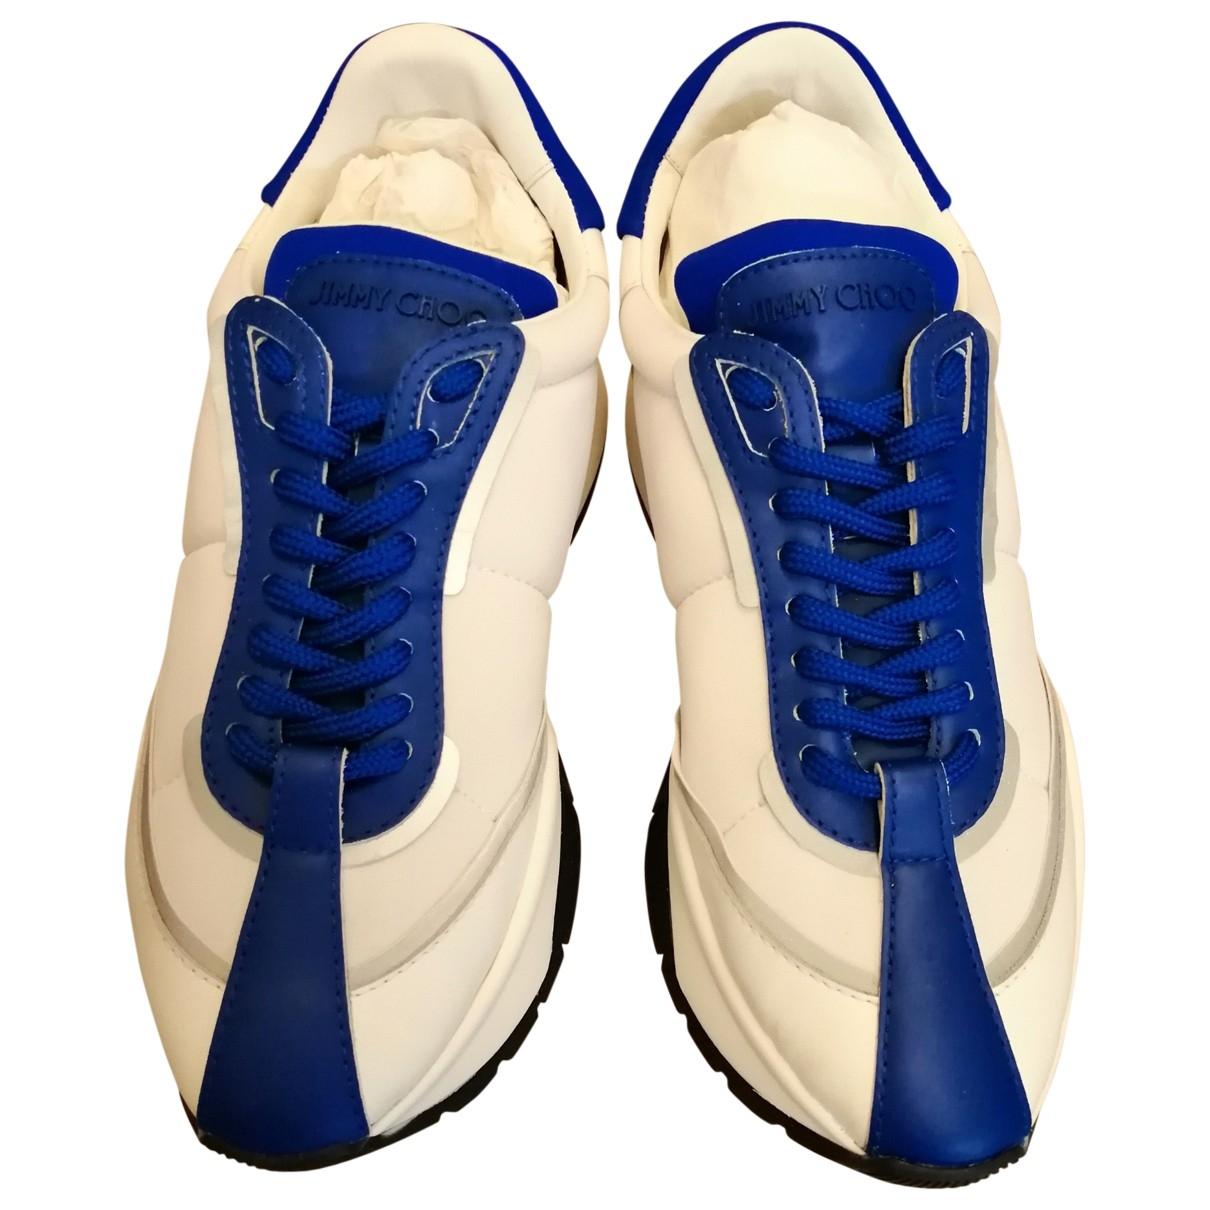 Jimmy Choo \N Blue Trainers for Women 38 EU